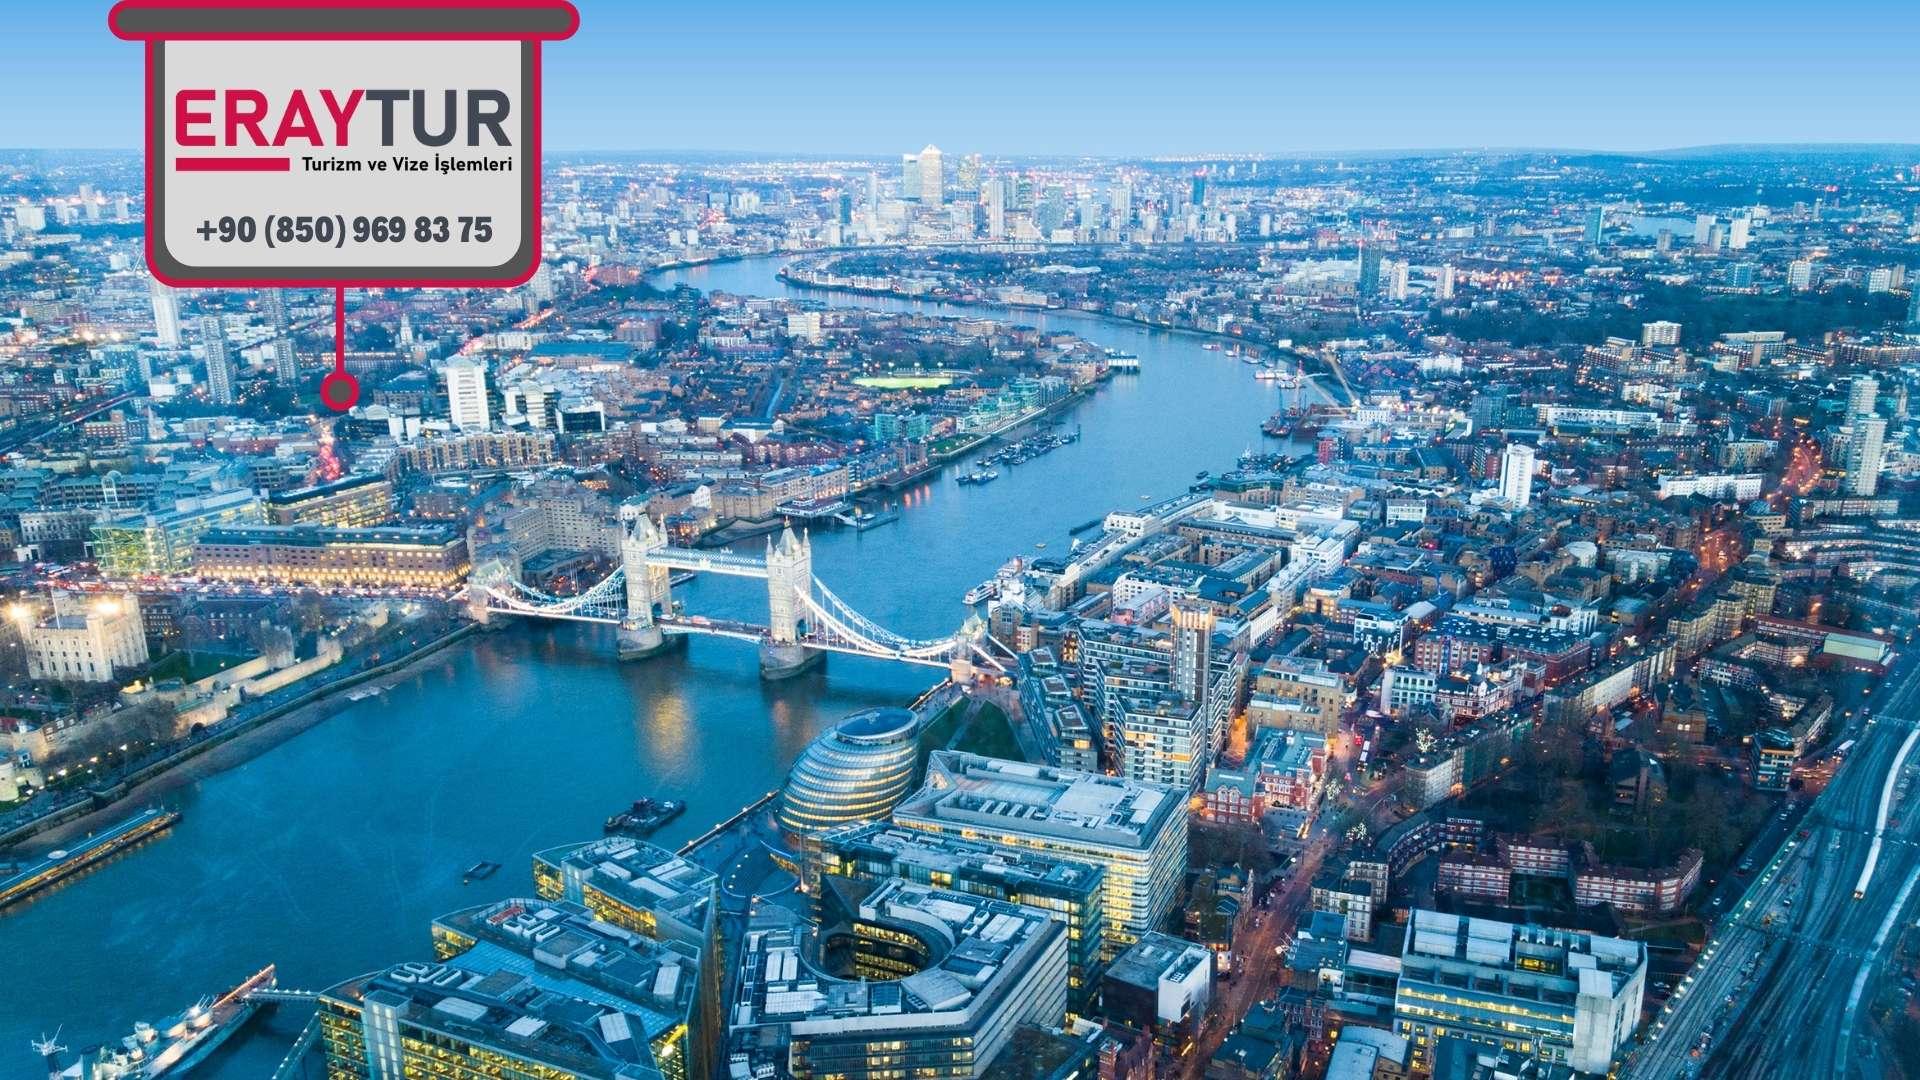 İngiltere Turistik Vize Kamu Çalışanı Evrakları